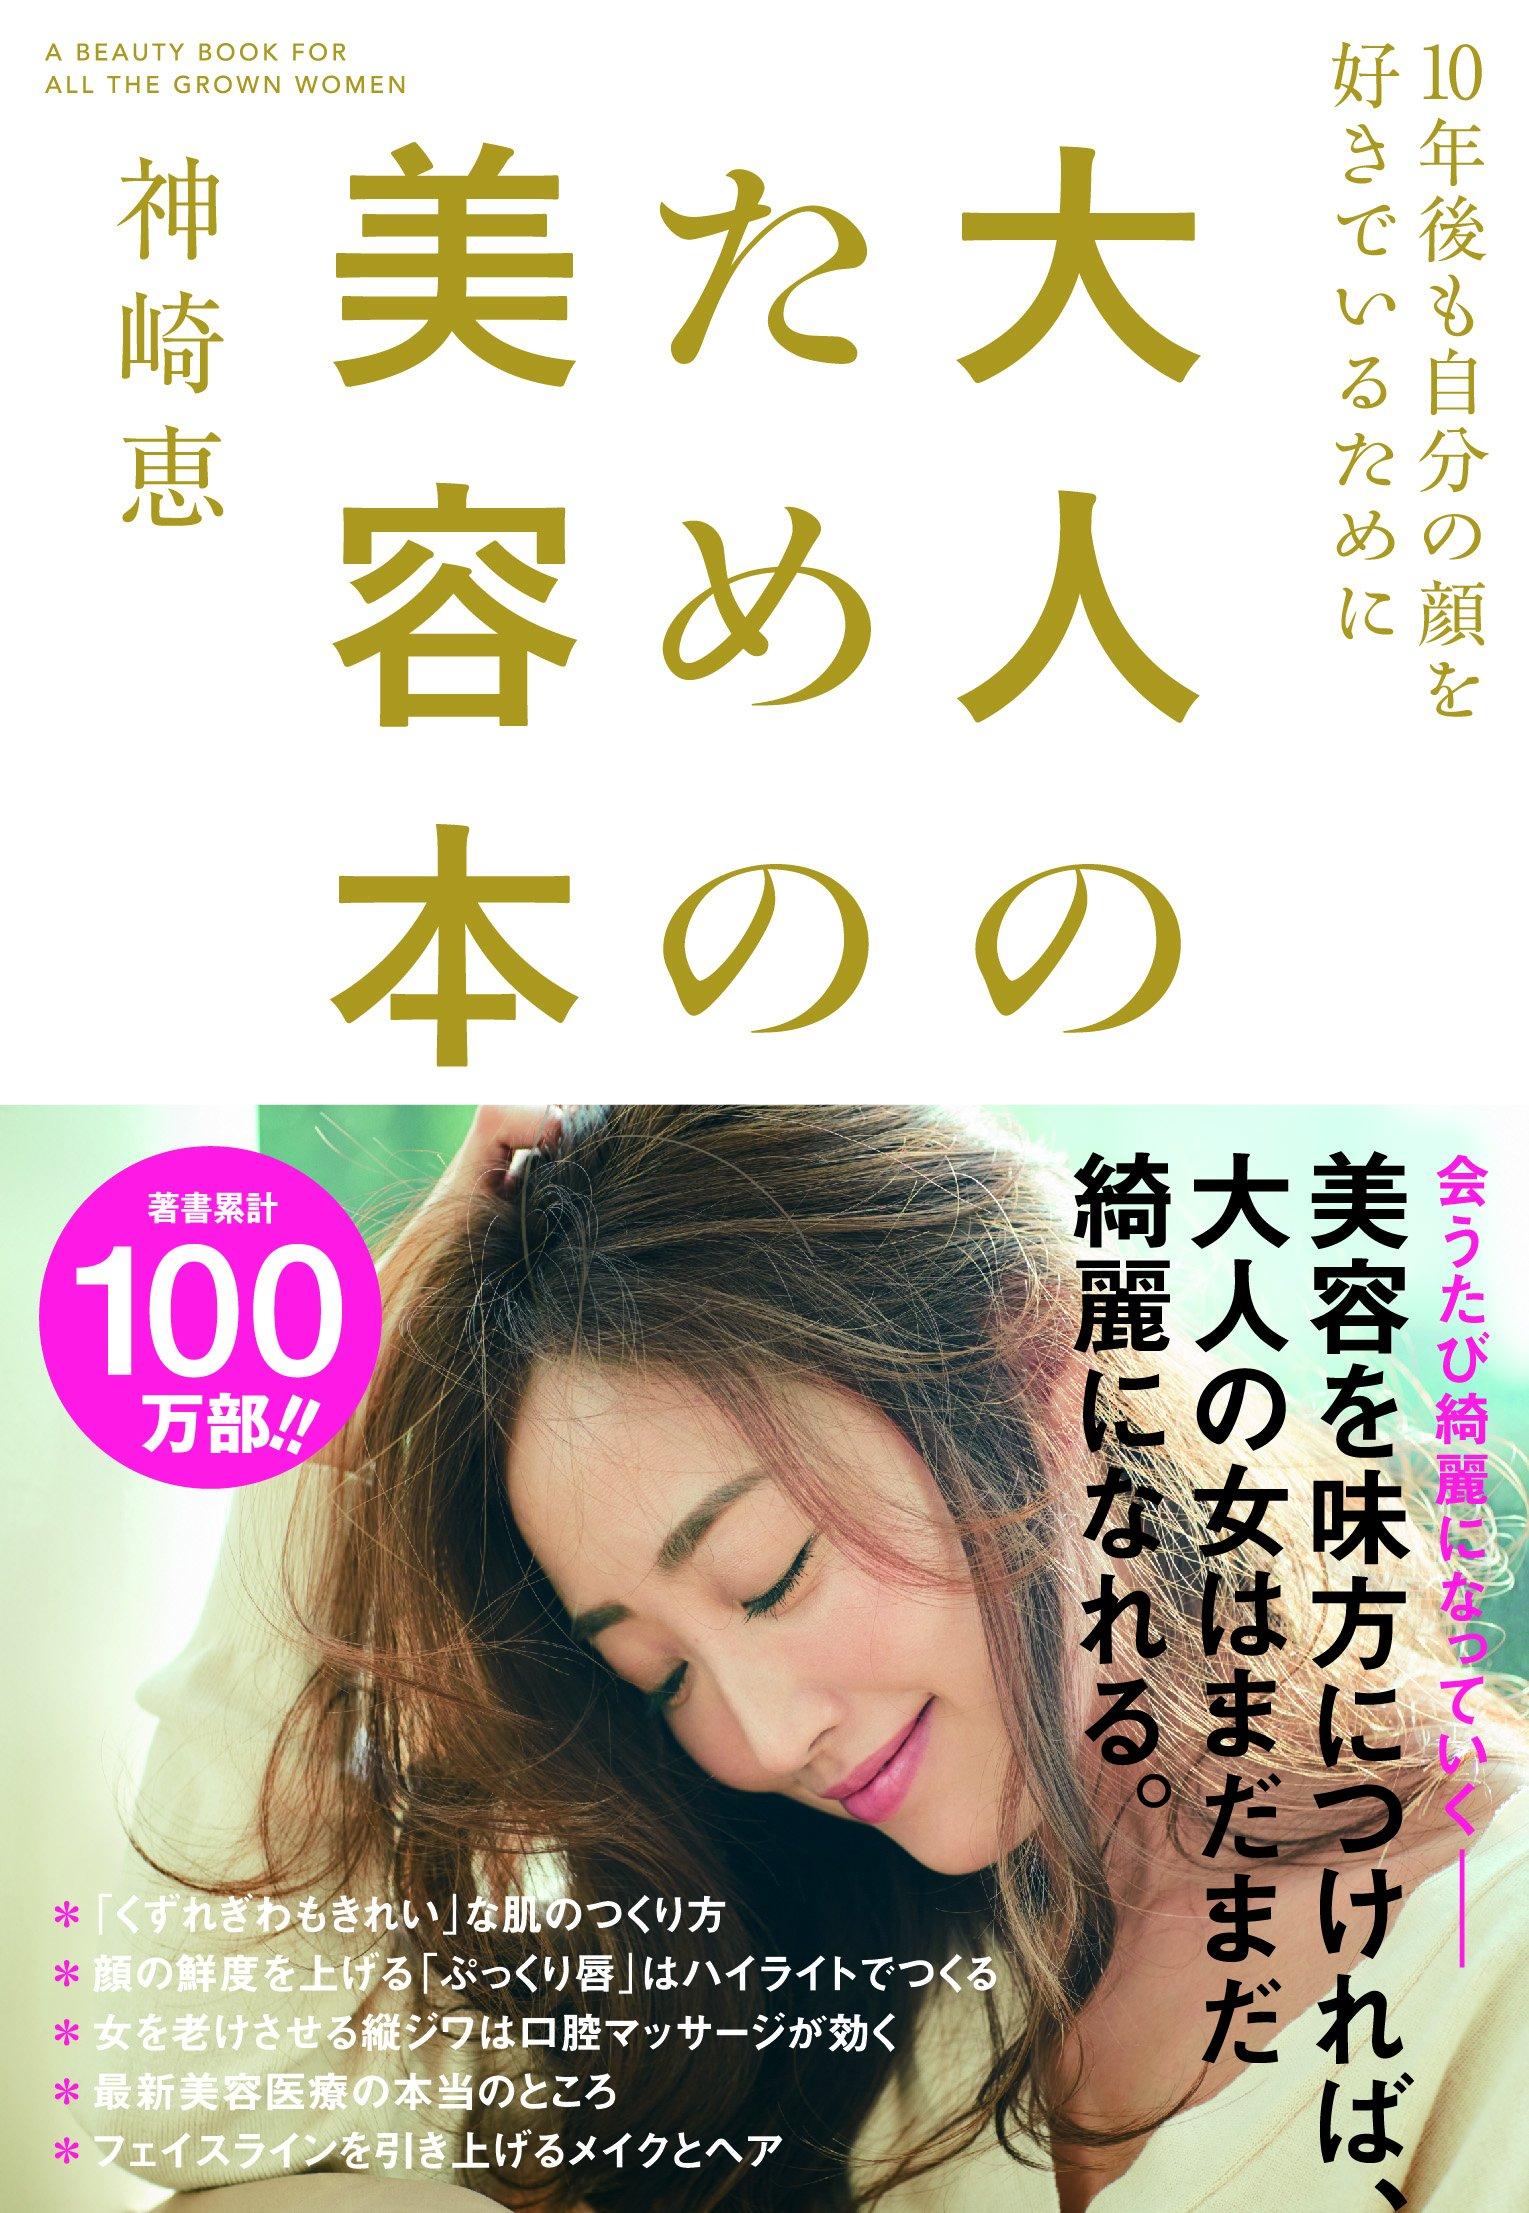 『大人のための美容本 10年後も自分の顔を好きでいるために』神崎 恵 (著)